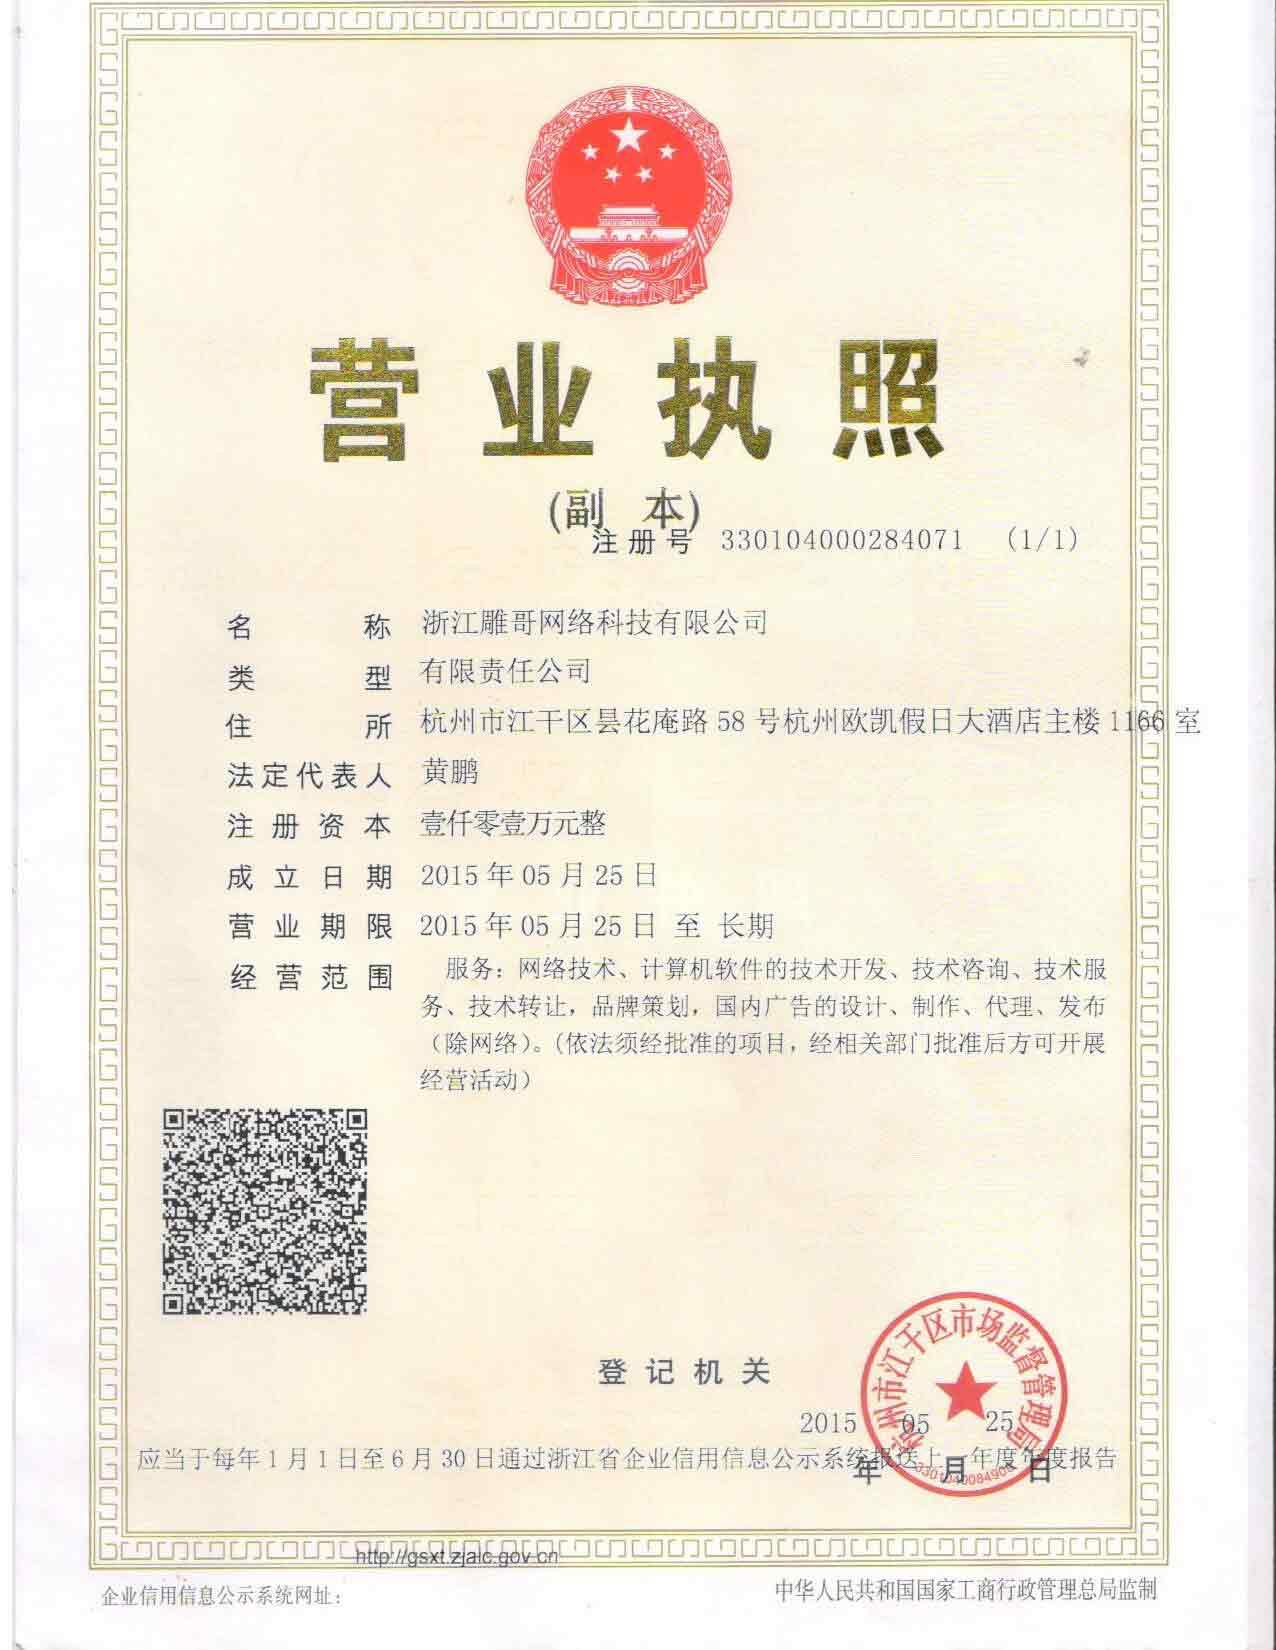 杭州雕哥网络科技有限公司